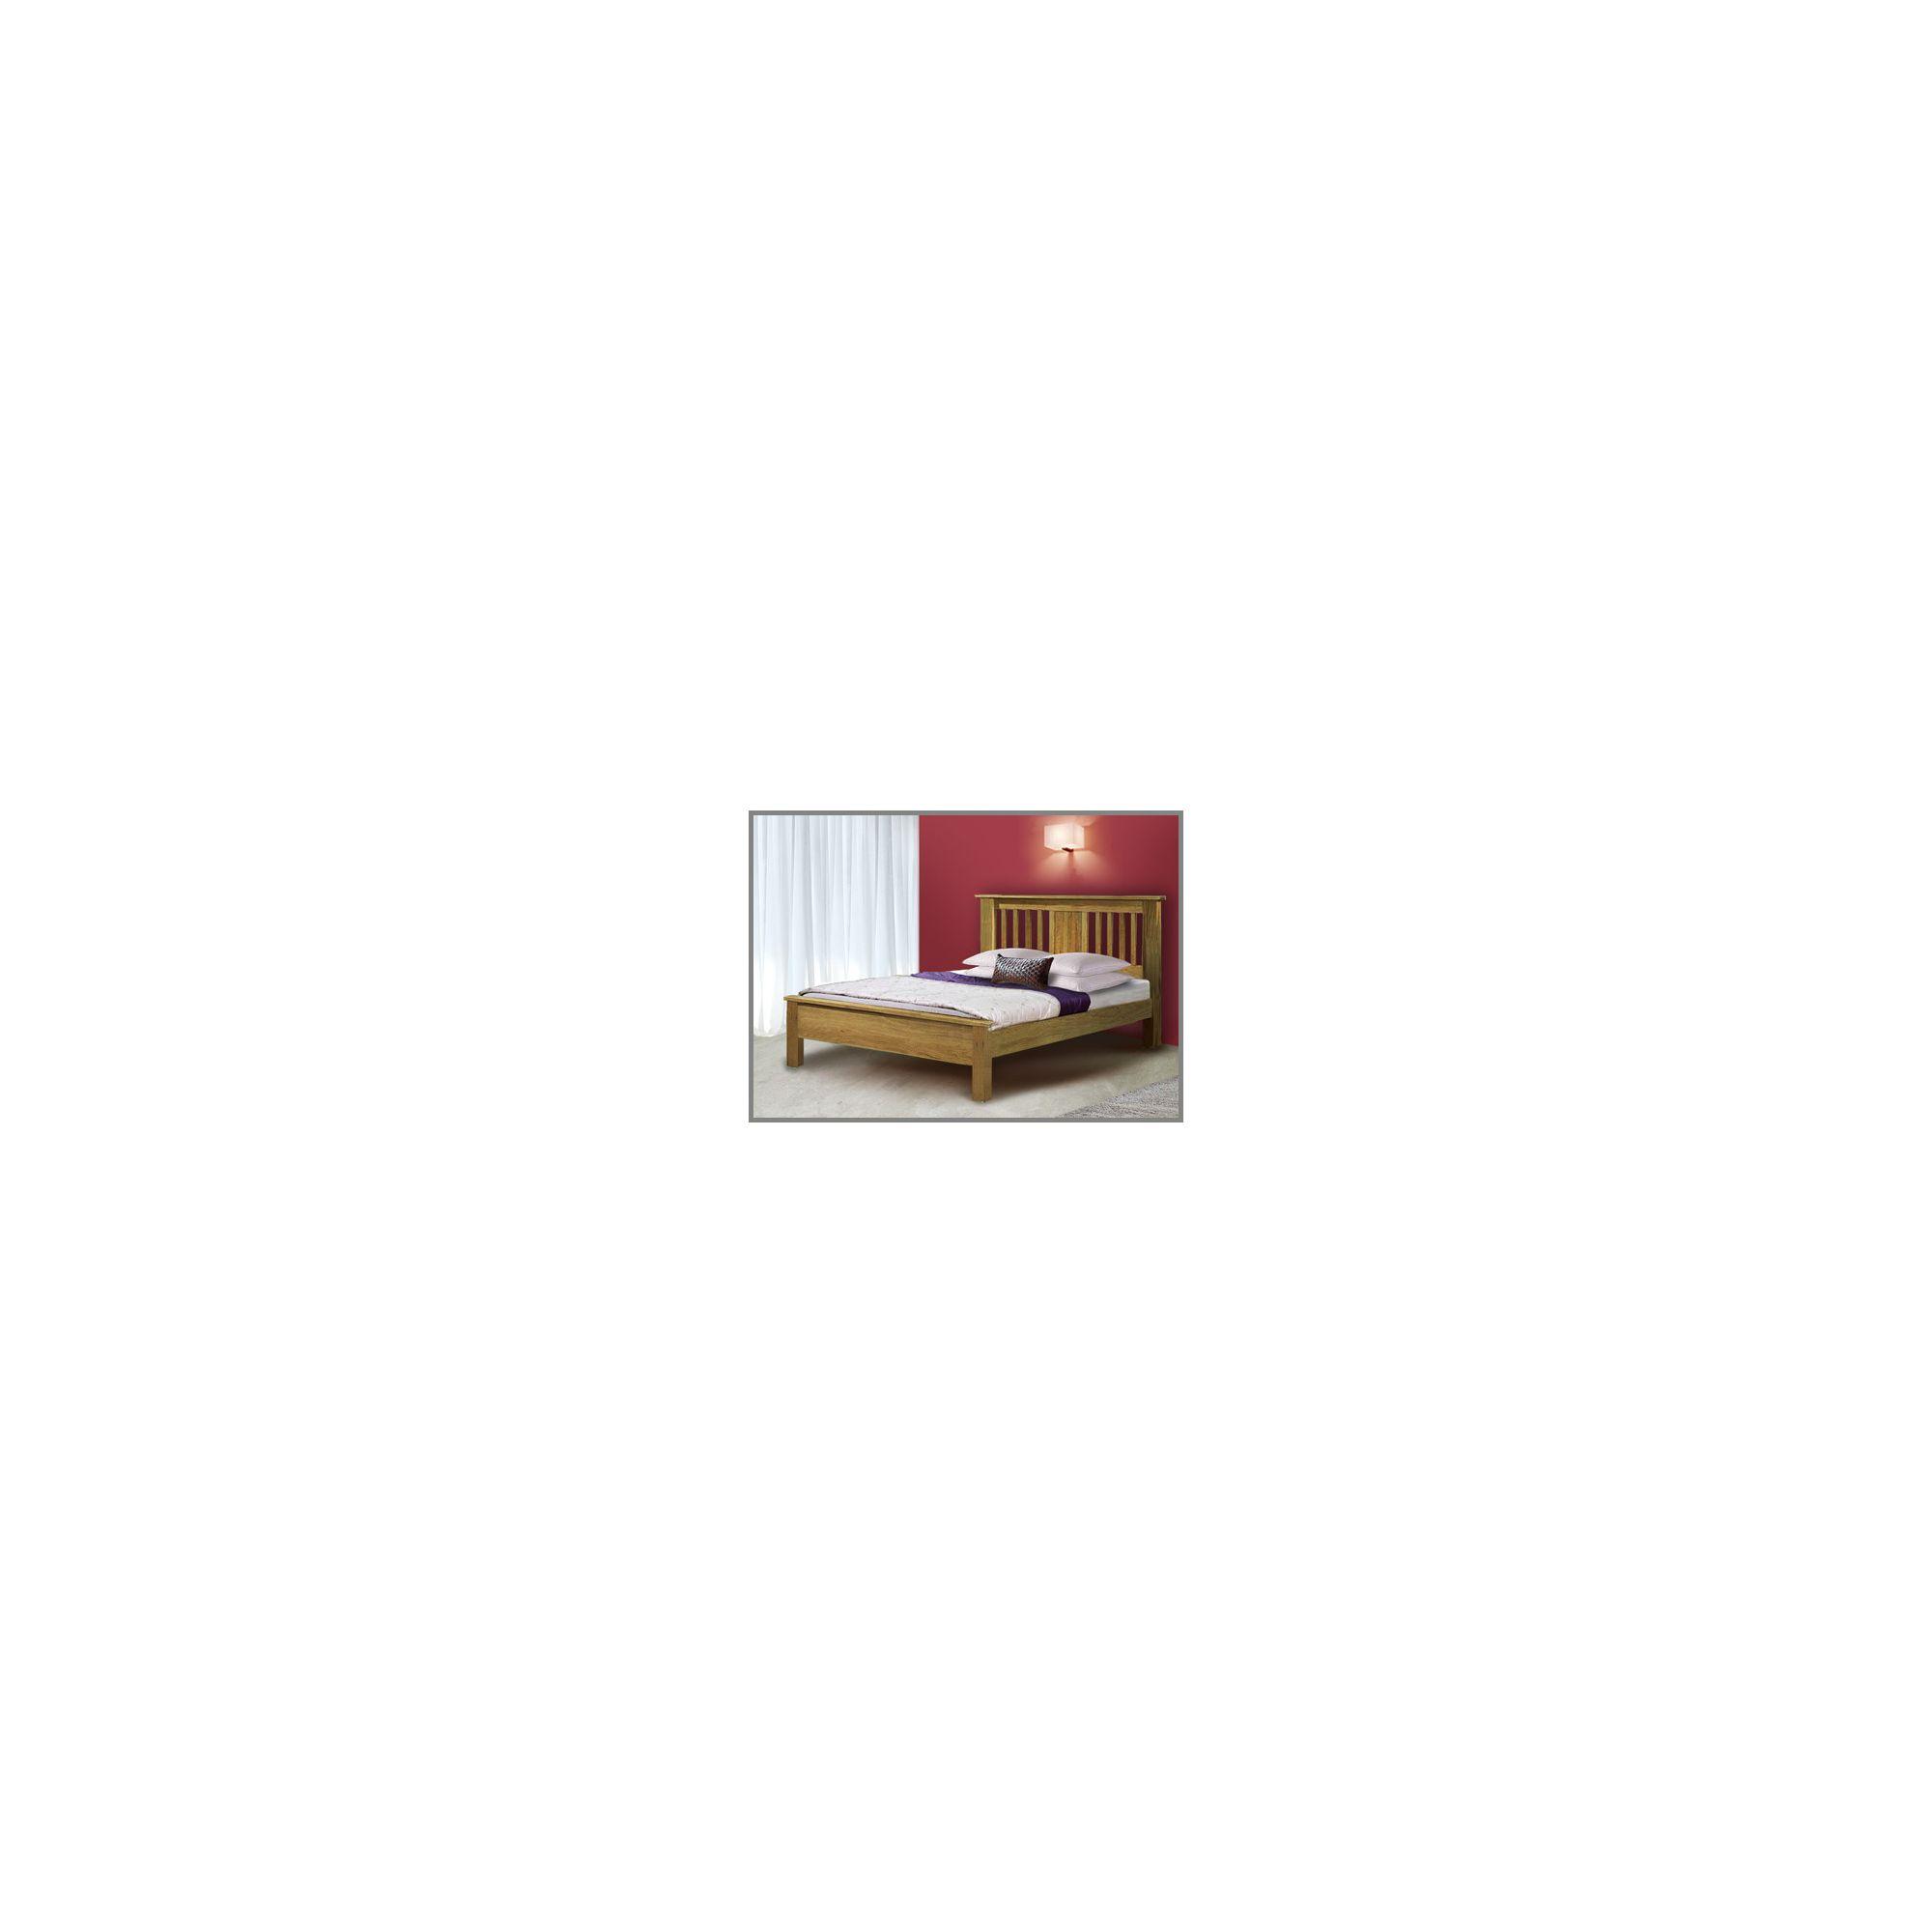 Flintshire Furniture Northop Bedstead in solid oak - Without Drawer - King at Tesco Direct